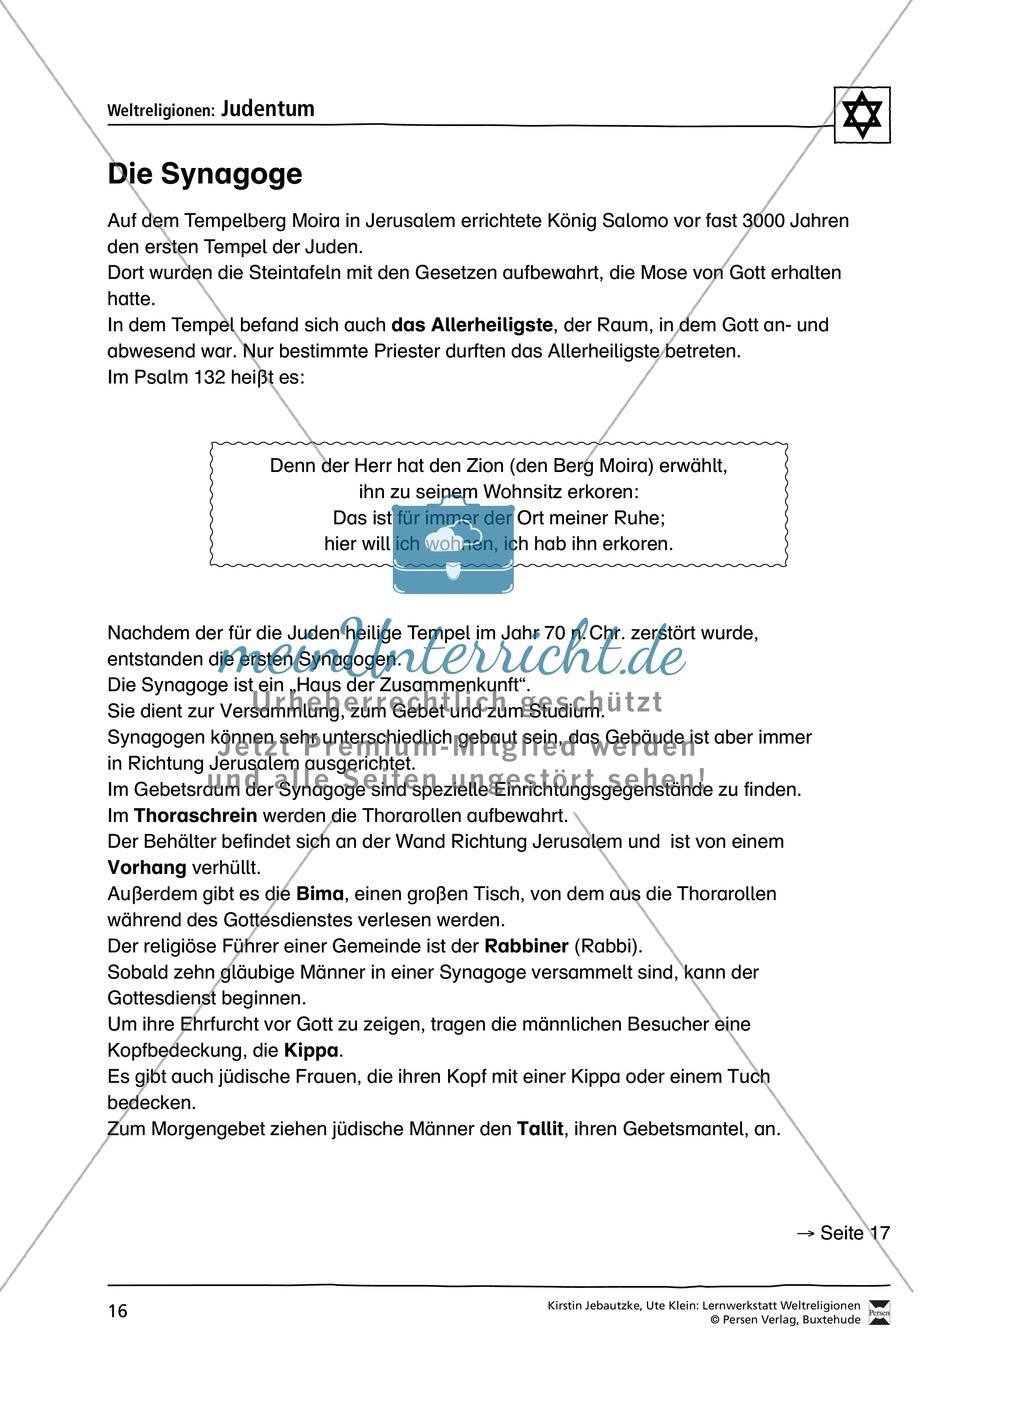 Unterrichtsmaterial zum Judentum - mit Infomaterial zu Gottheit, Schrift, Synagogen, Feiertagen uvm. Preview 8